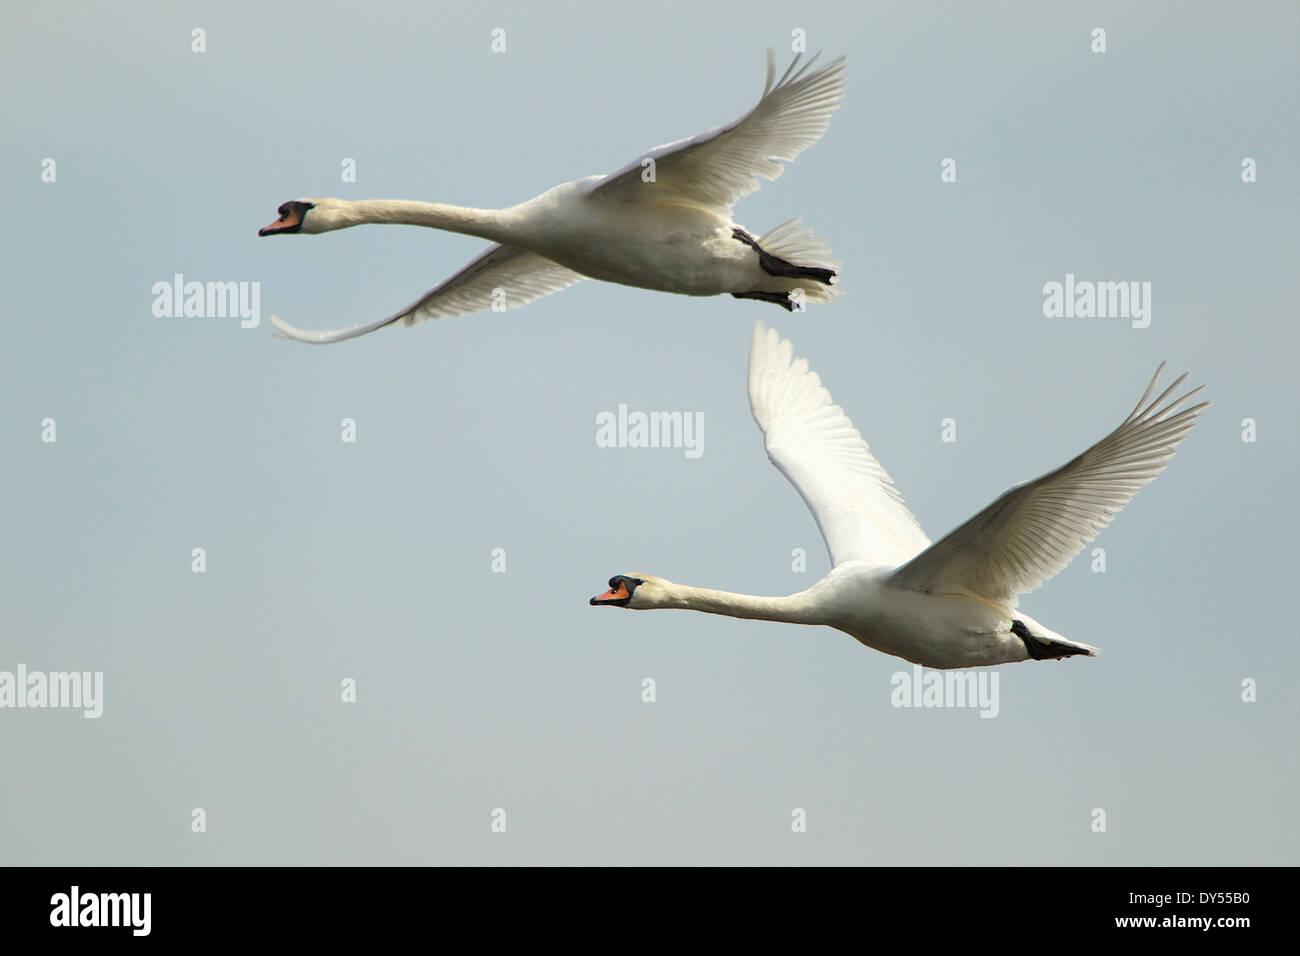 Mute swan - Cygnus olor - in flight - Stock Image